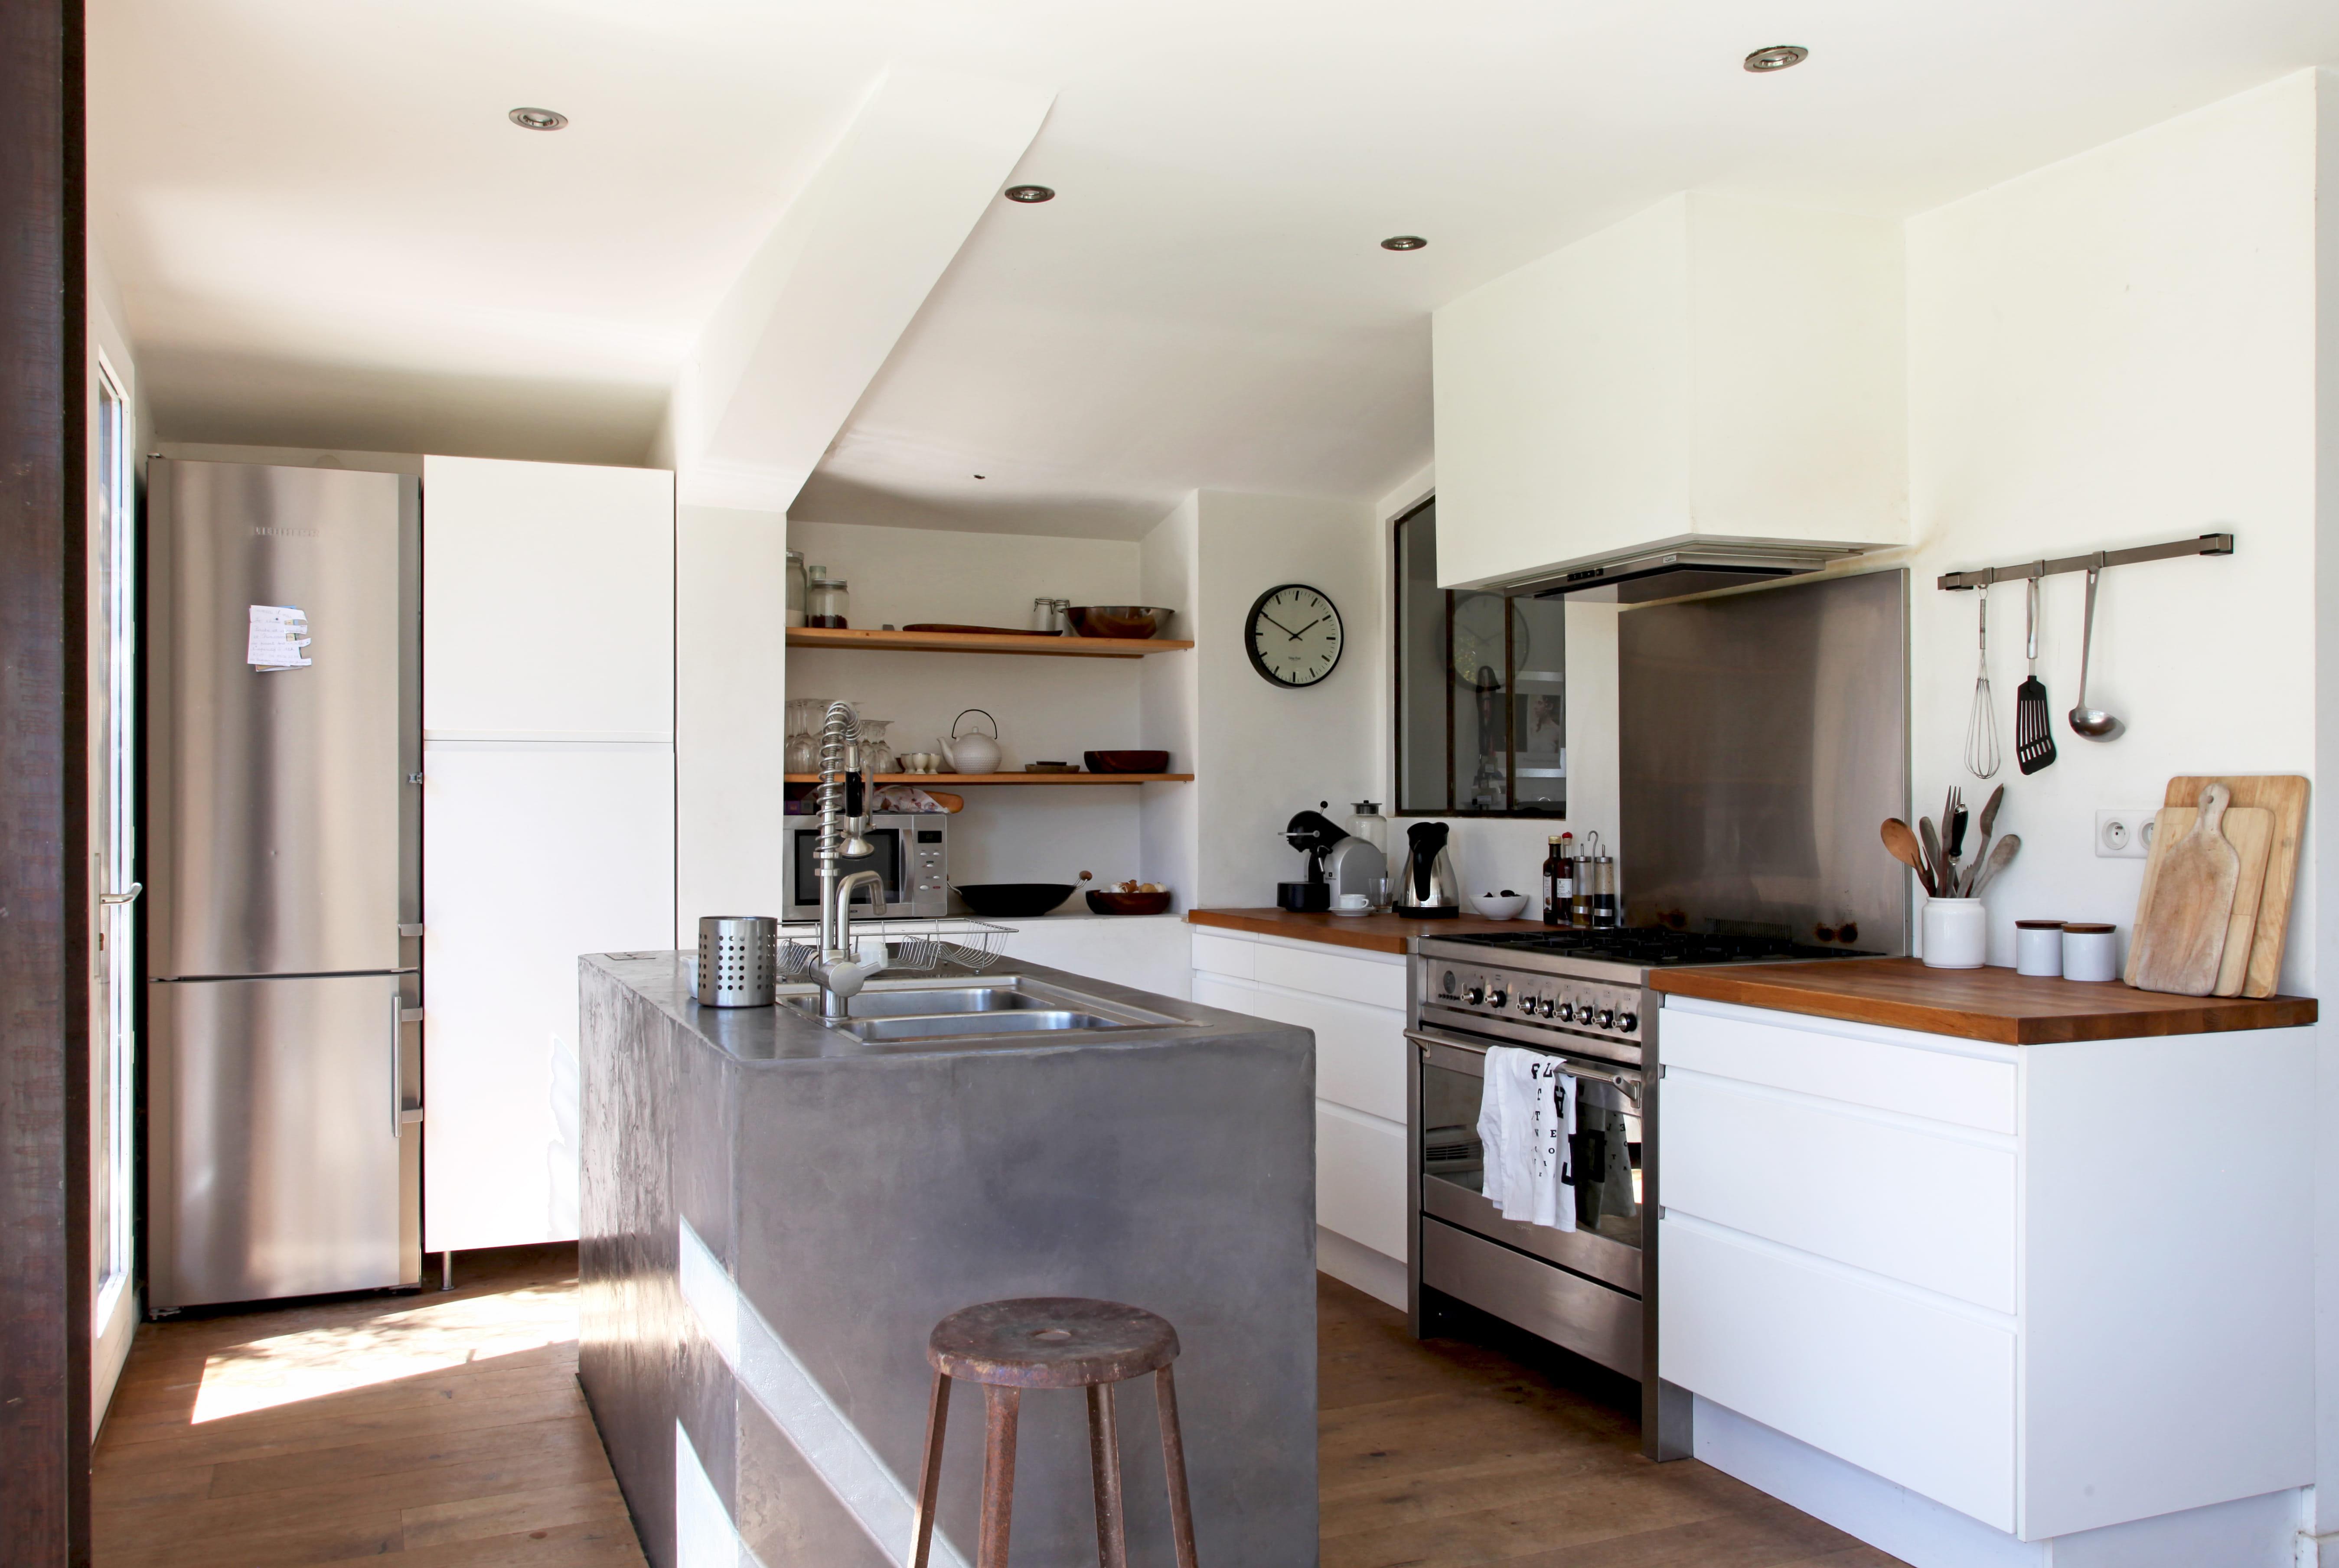 Cuisine effet industriel: idees deco pour une cuisine industrielle ...